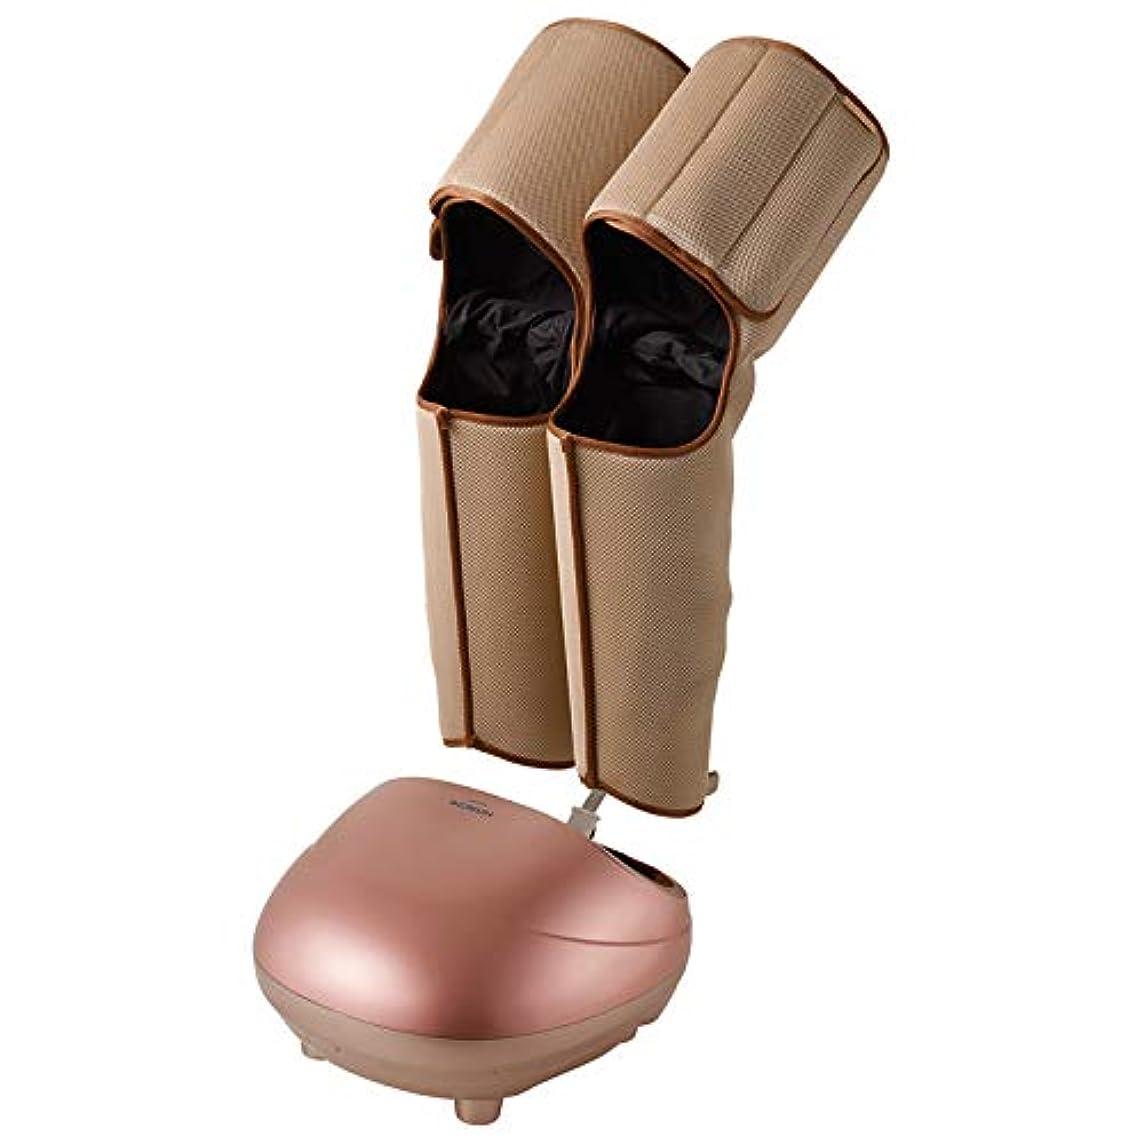 計算小麦暖かく日立 フットマッサージャー(ピンクゴールド)HITACHI Foot CRiE(フットクリエ) HFM-3000-P